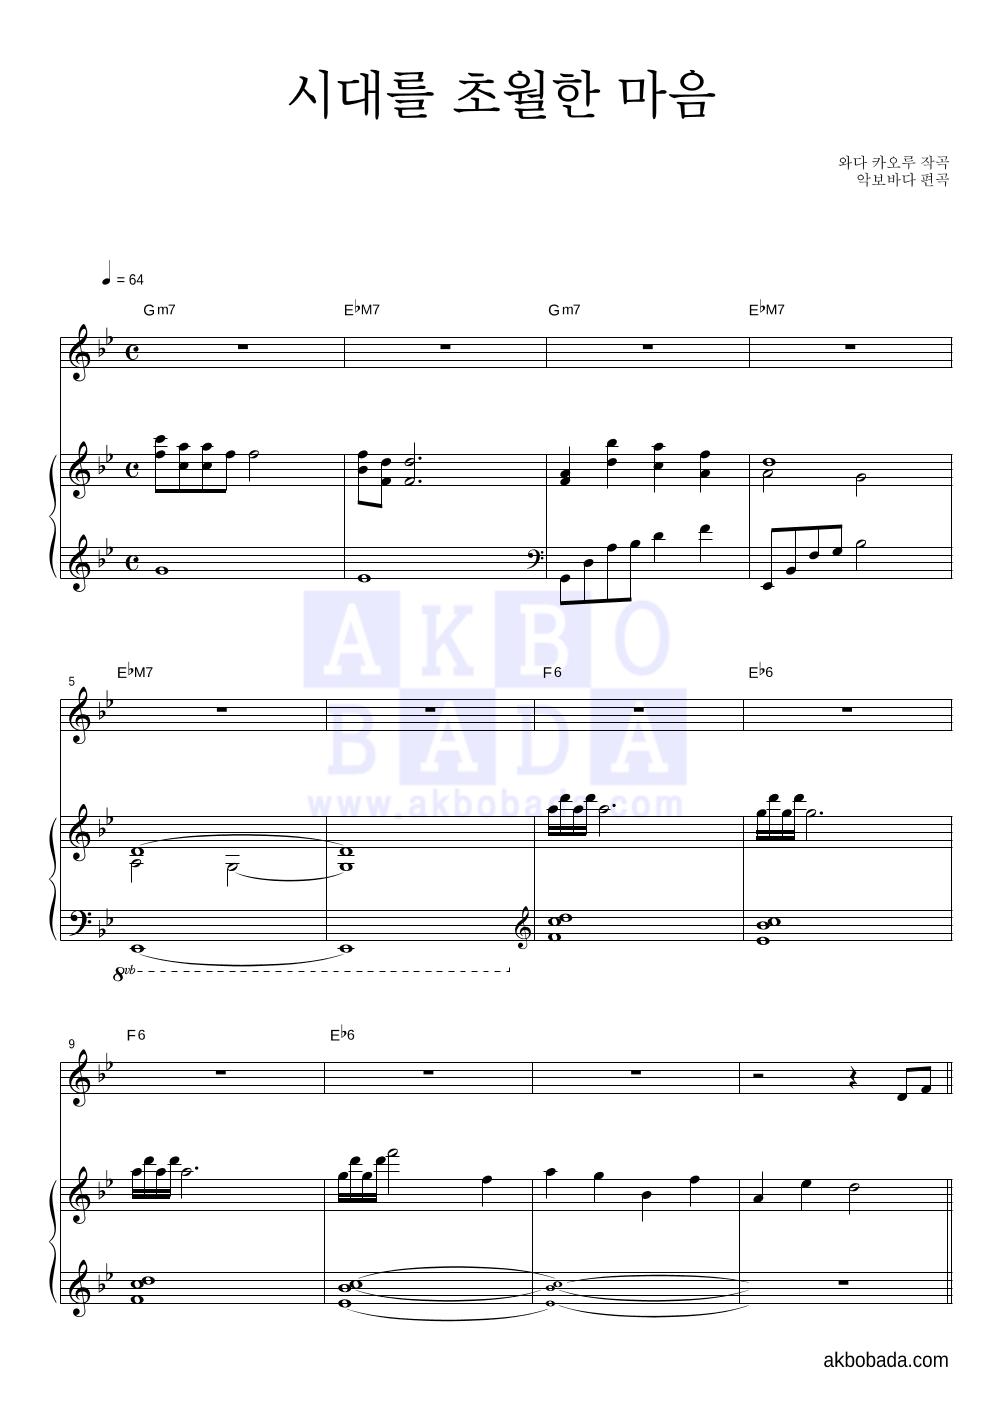 이누야사 OST - 시대를 초월한 마음 Solo&피아노 악보